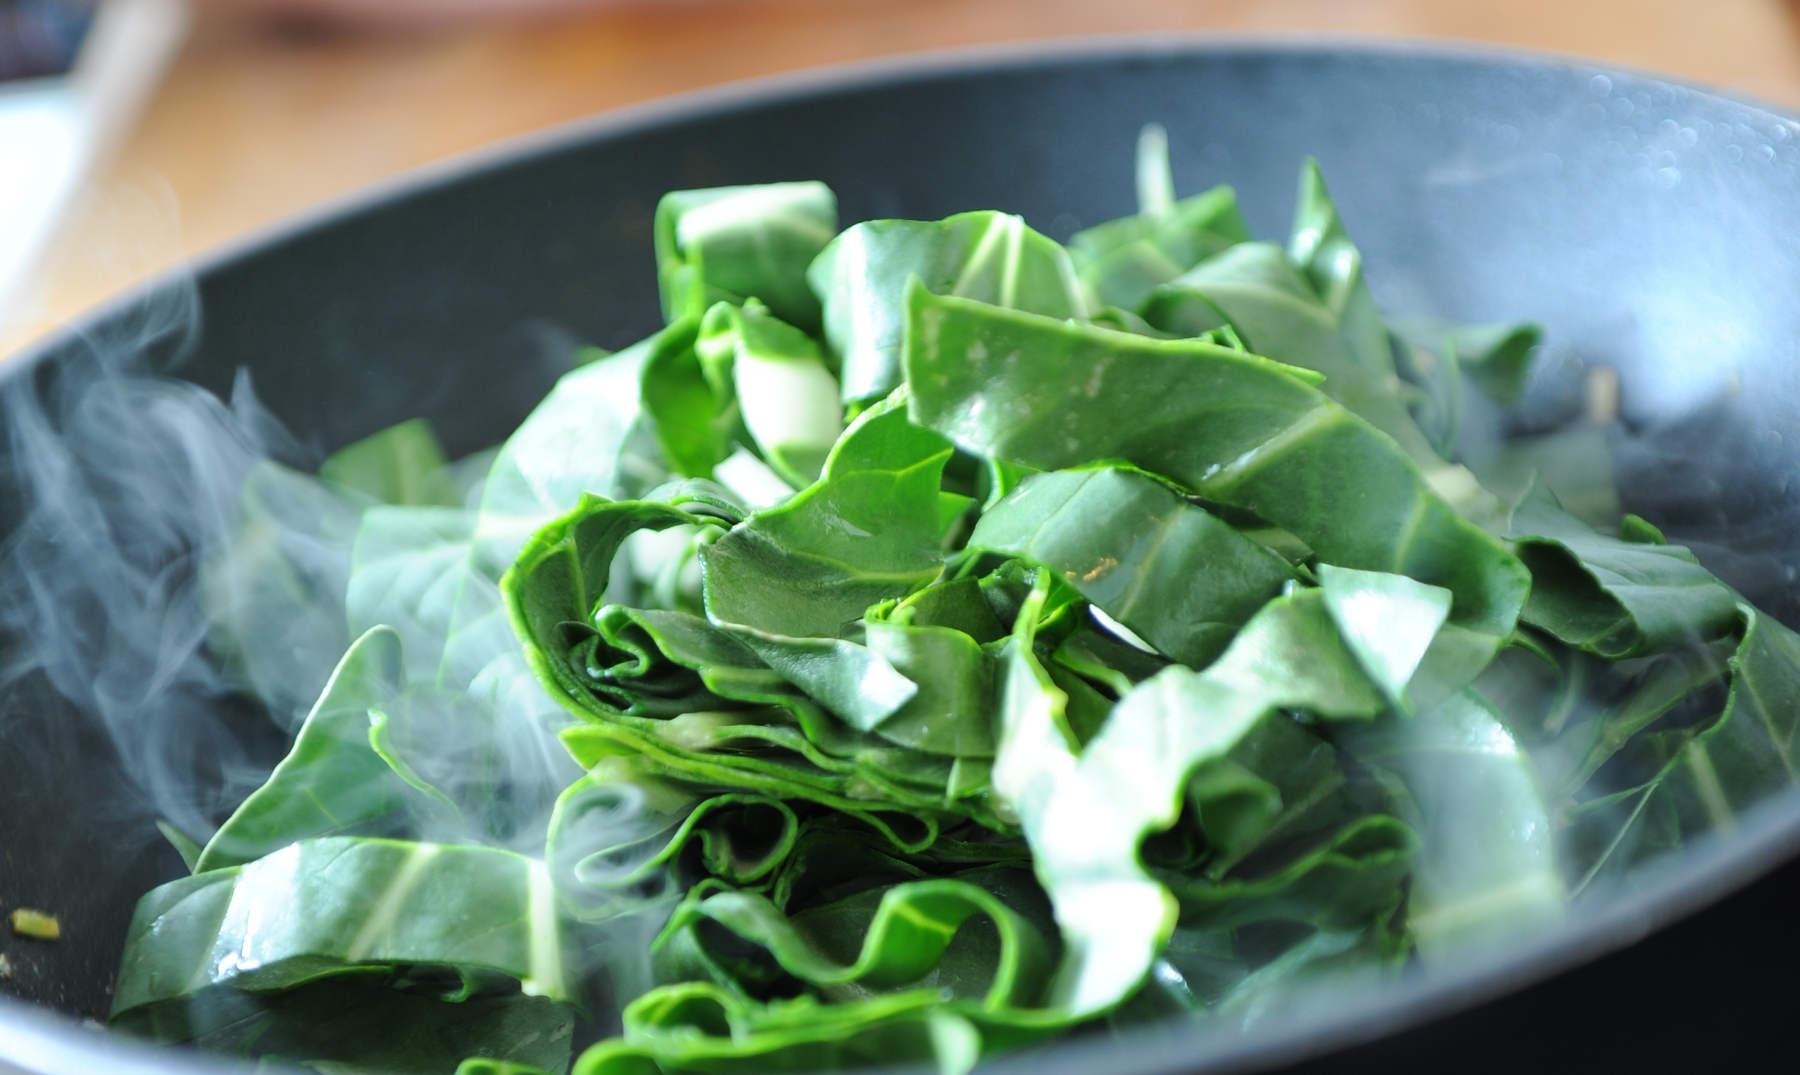 Los 5 alimentos m s saludables para el coraz n - Alimentos saludables para el corazon ...